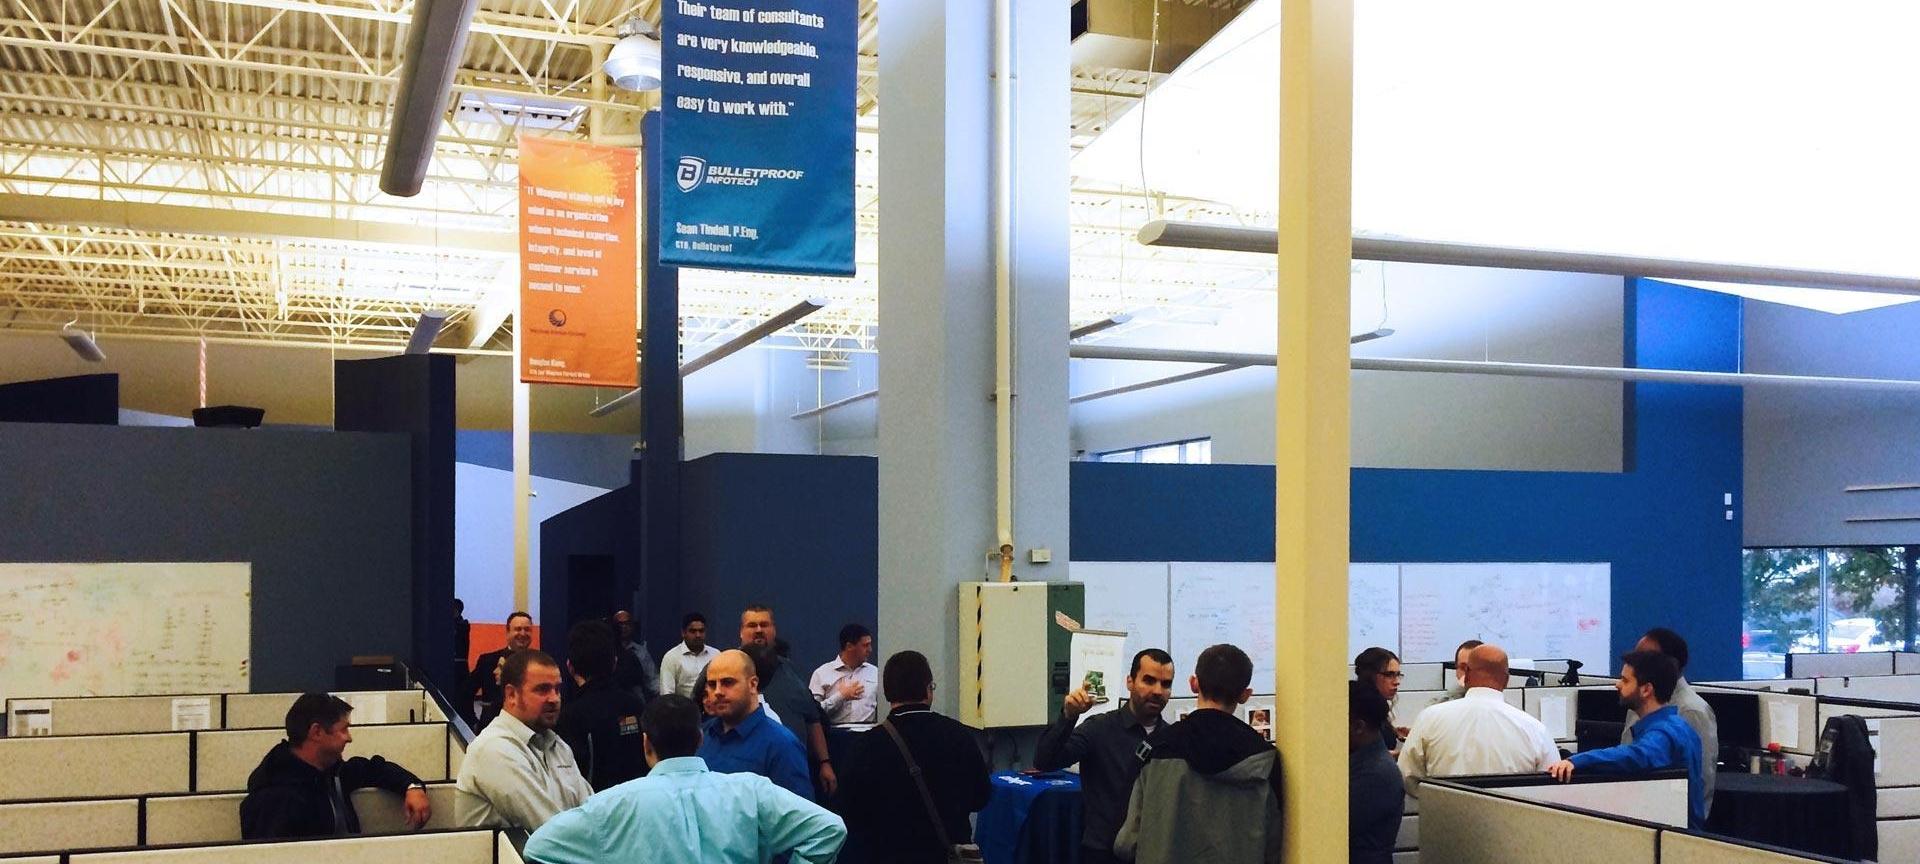 employee crowd at Goreway building grand opening